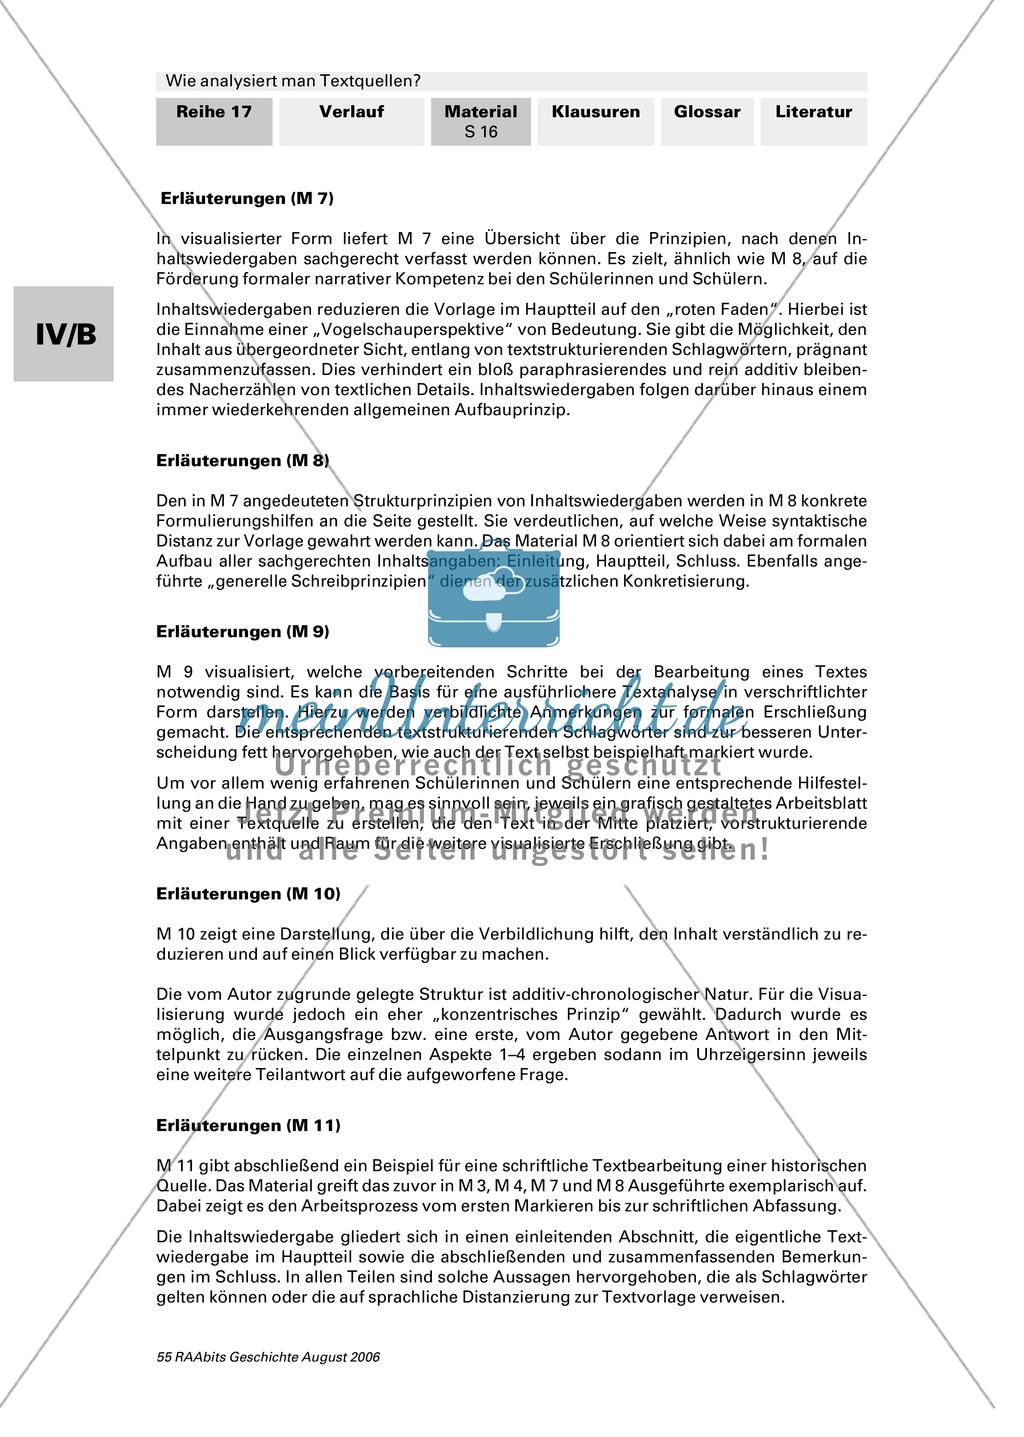 Analyse von Textquellen: Systematisierunghilfe zur Analyse - Authentizitätsgrad und Aussagewert bestimmen, Inhaltsangabe schreiben, Formulierungshilfen für eigenen Text verwenden Preview 4